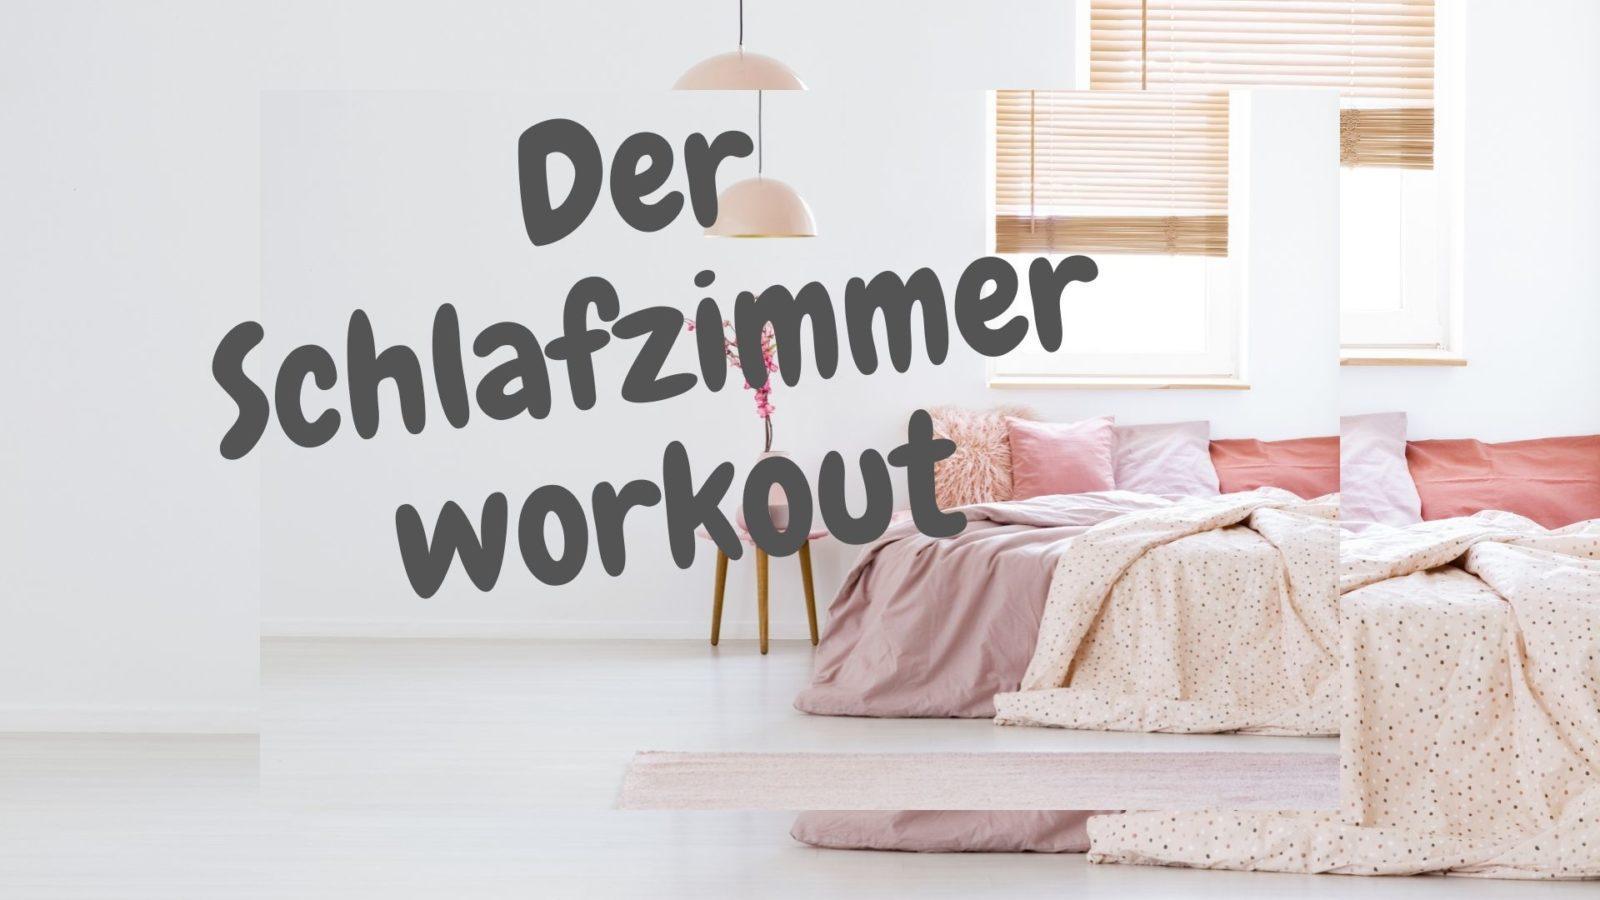 Fit in Schlips und Pumps goes homeoffice: Der Schlafzimmer-Workout